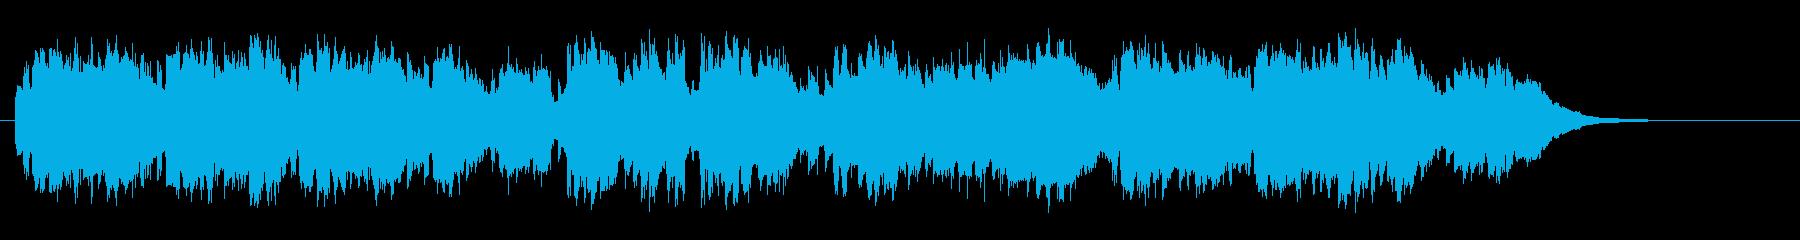 暖かみ溢れるエモーショナルなポップスの再生済みの波形